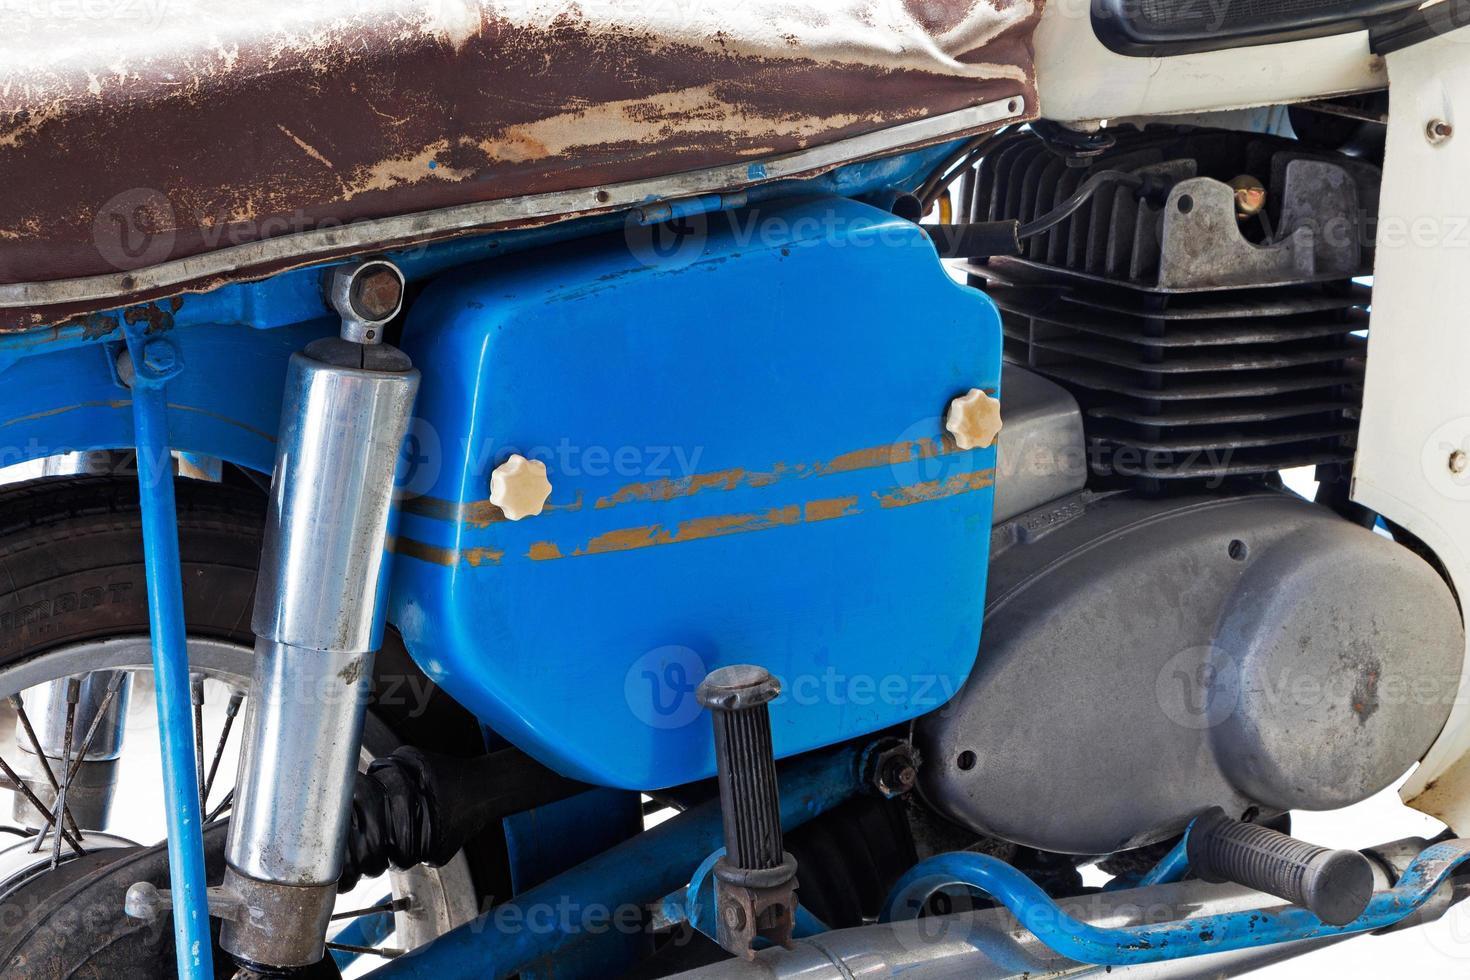 dettaglio della vecchia motocicletta arrugginita foto